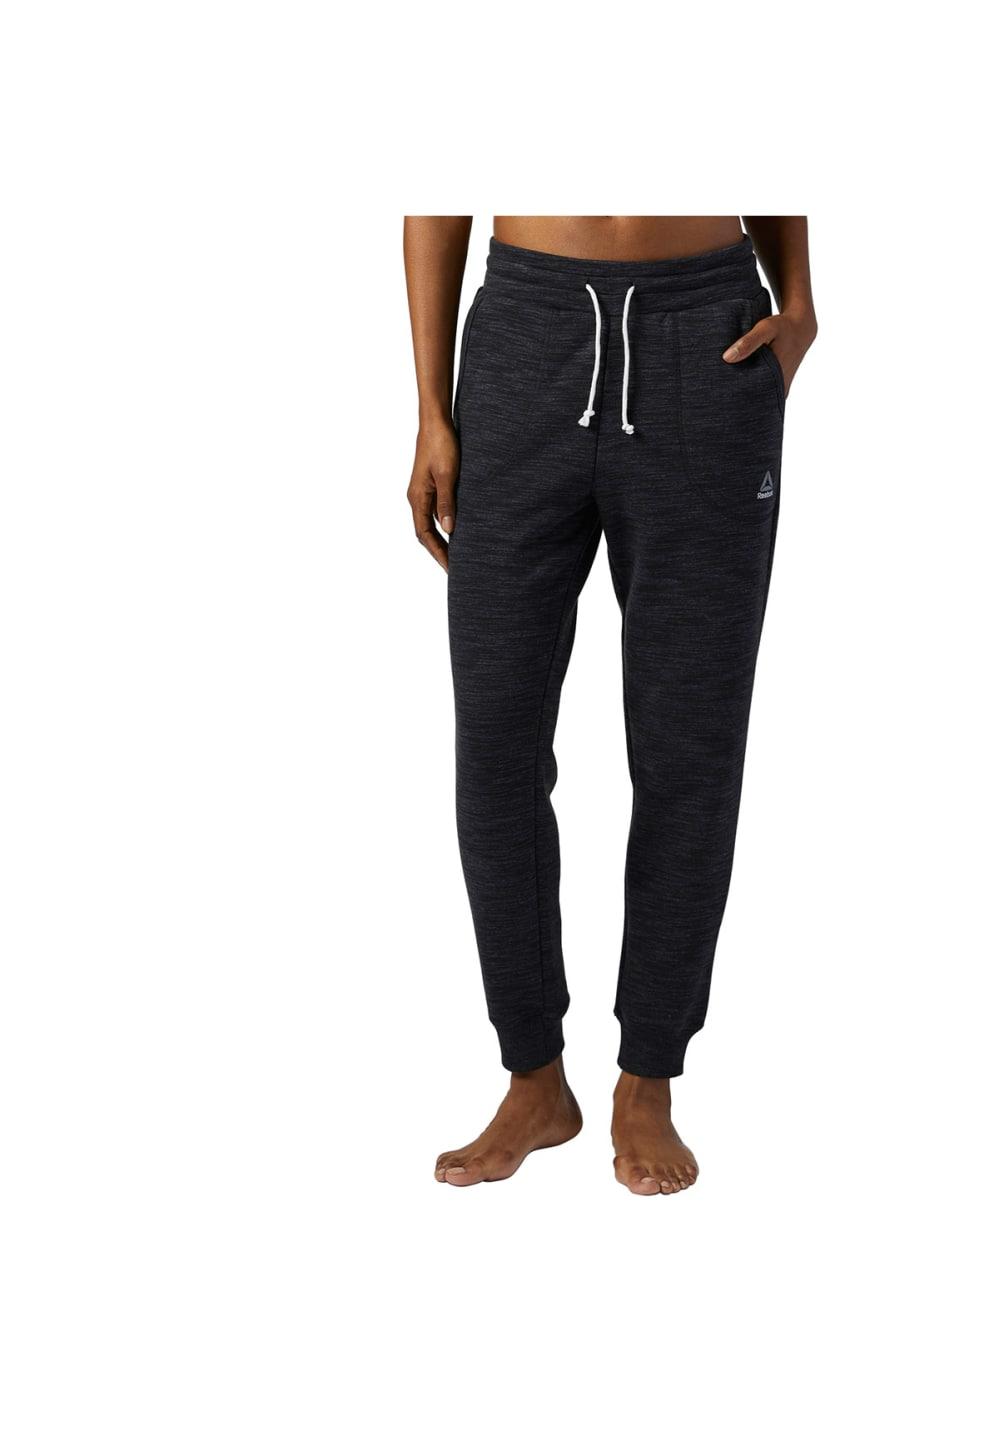 Pantalons Femme Reebok Fitness Pant Pour Elements Marble Gris DH29IEW